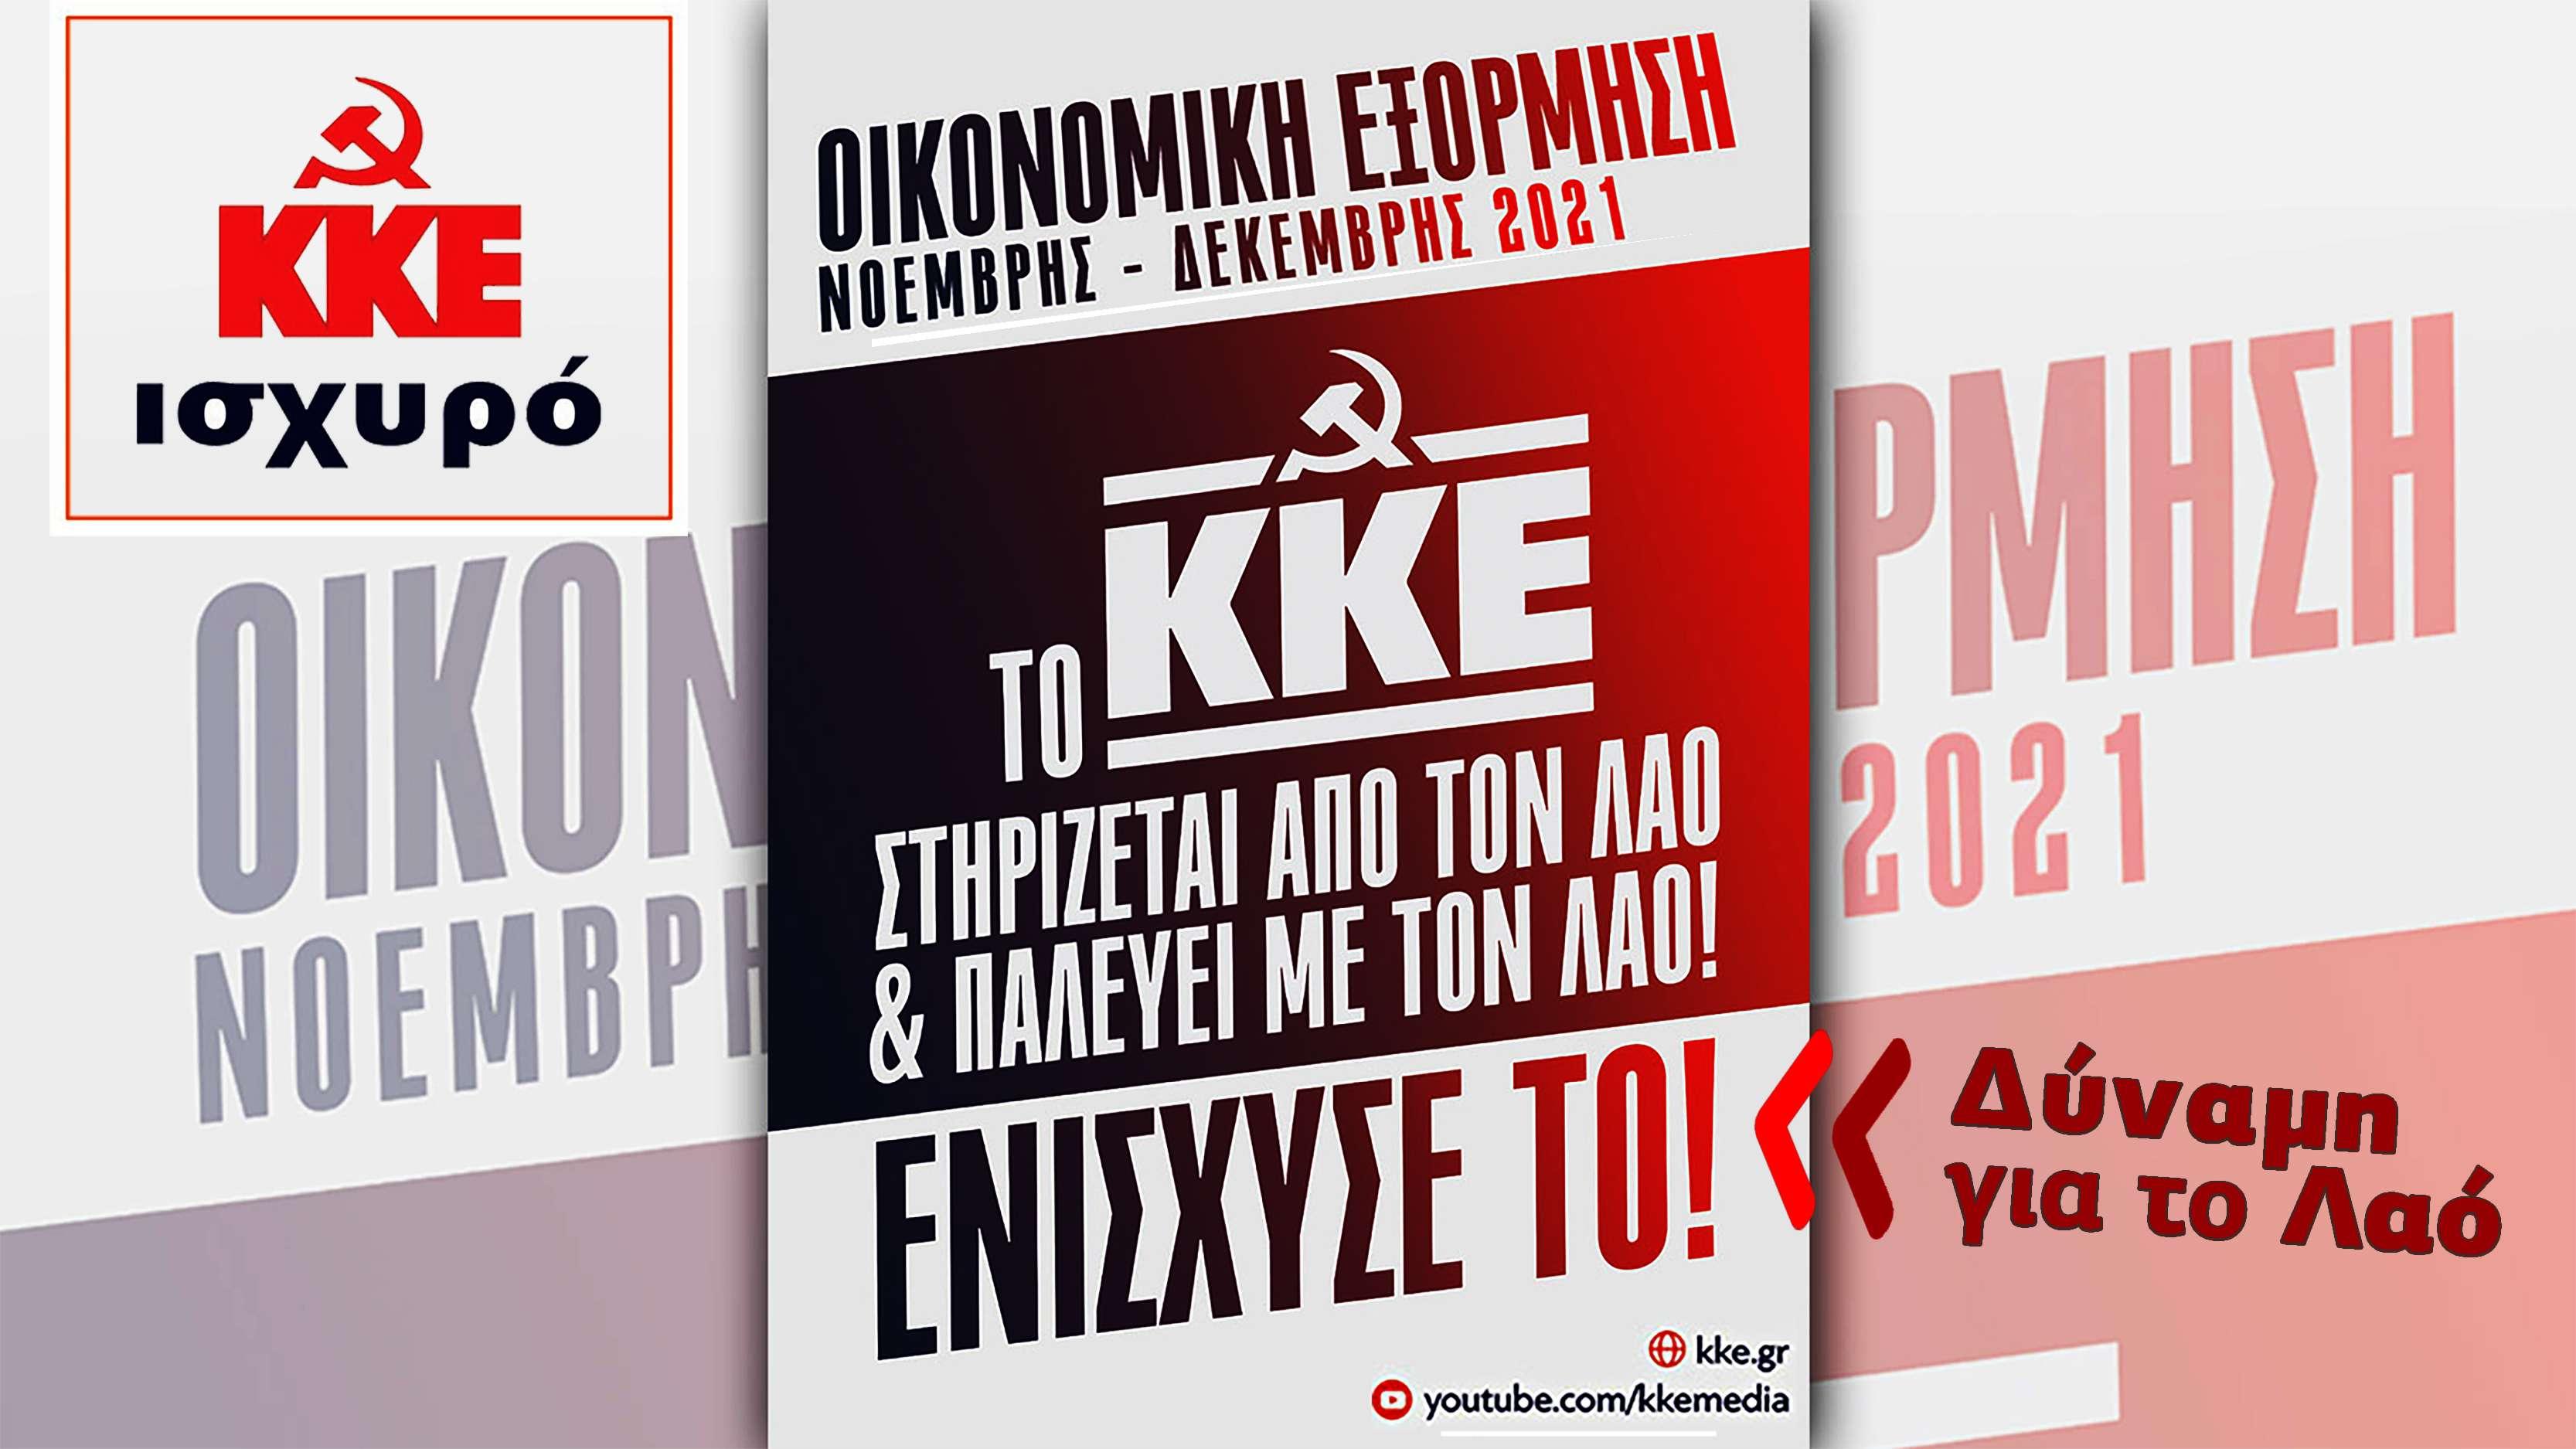 KKE ΚΚΕ ΟΙΚΟΝΟΜΙΚΗ ΕΞΟΡΜΗΣΗ 2021